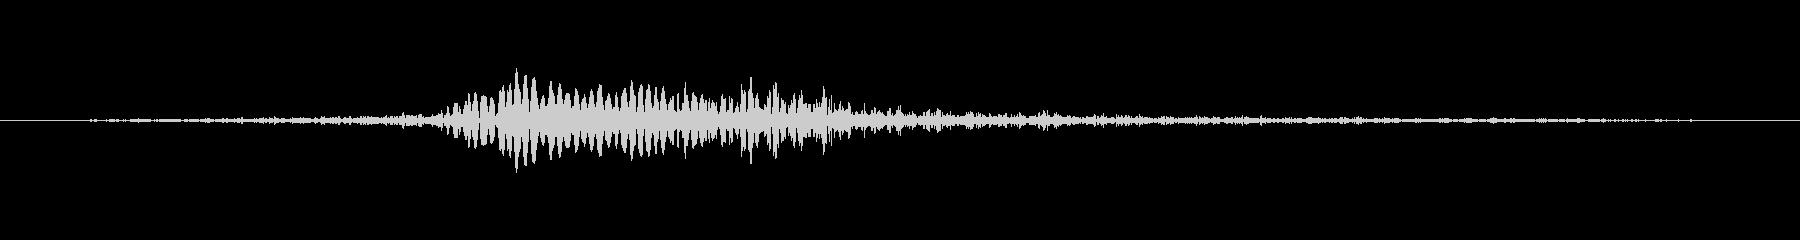 ホラー プラグインインパクト01の未再生の波形